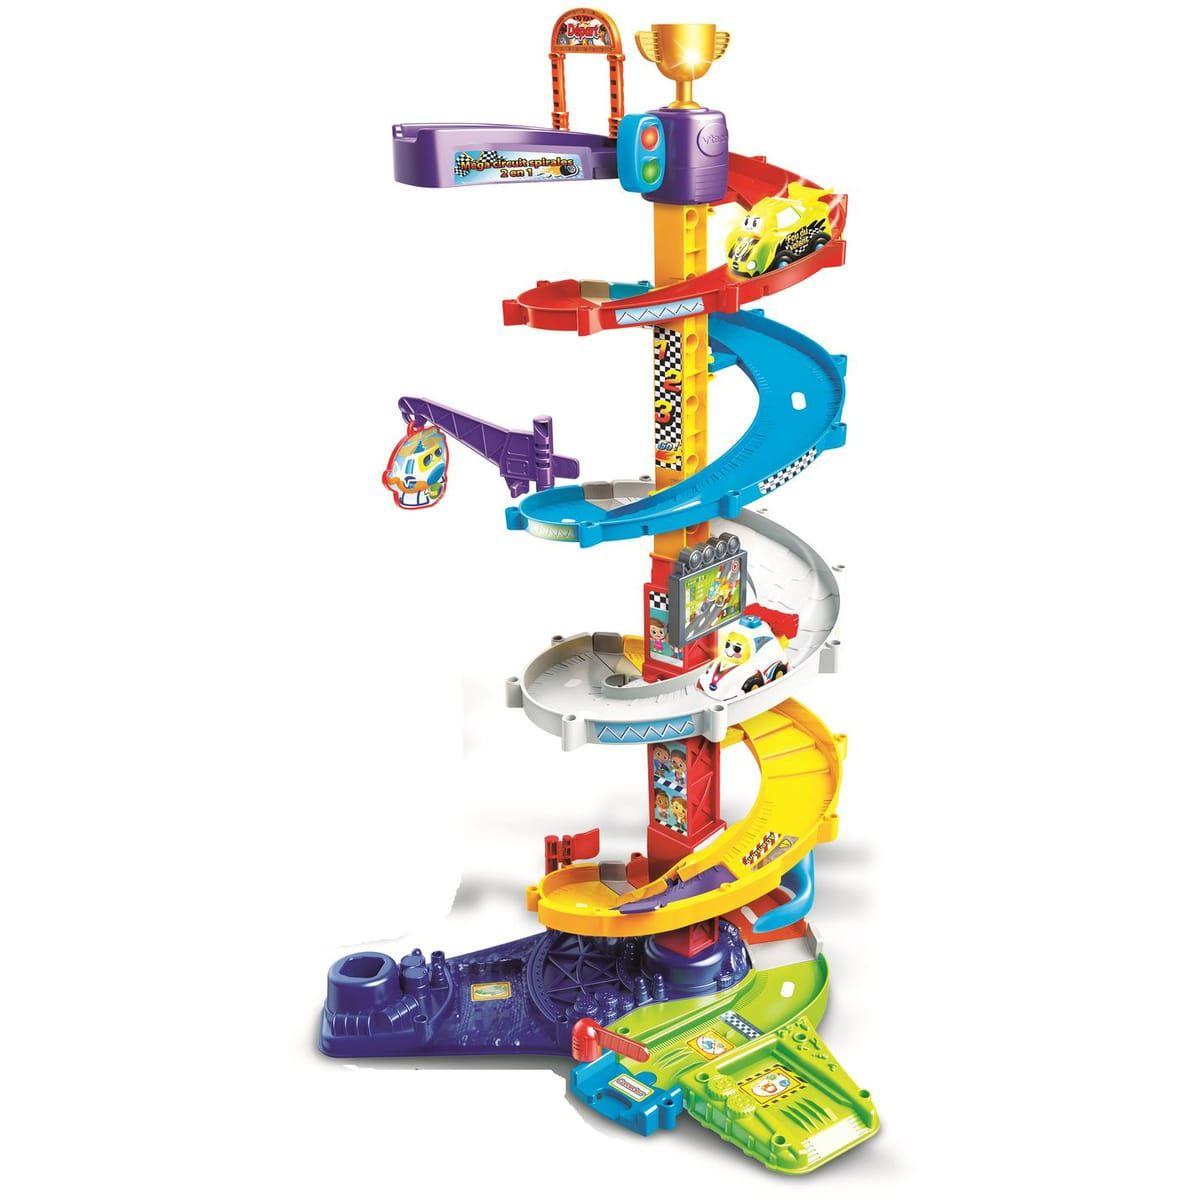 Voiture de jouet Vtech offre à 39,9€